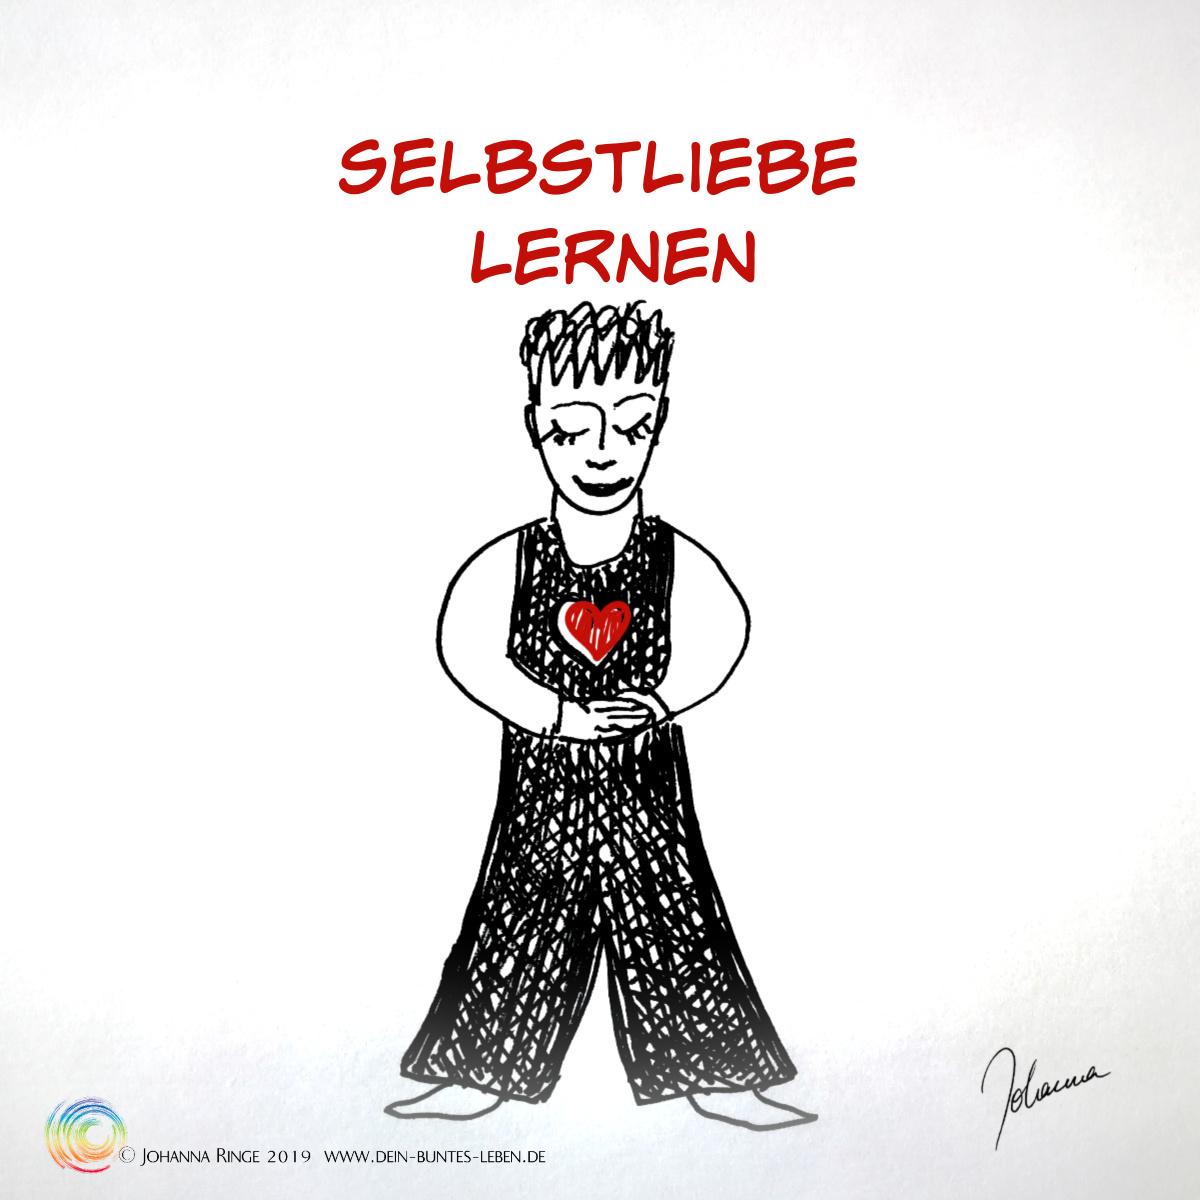 Selbstliebe lernen: Zeichnung eines Menschen, der nach innen spürend sein Herz leuchten lässt. ©Johanna Ringe 2019 www.dein-buntes-leben.de